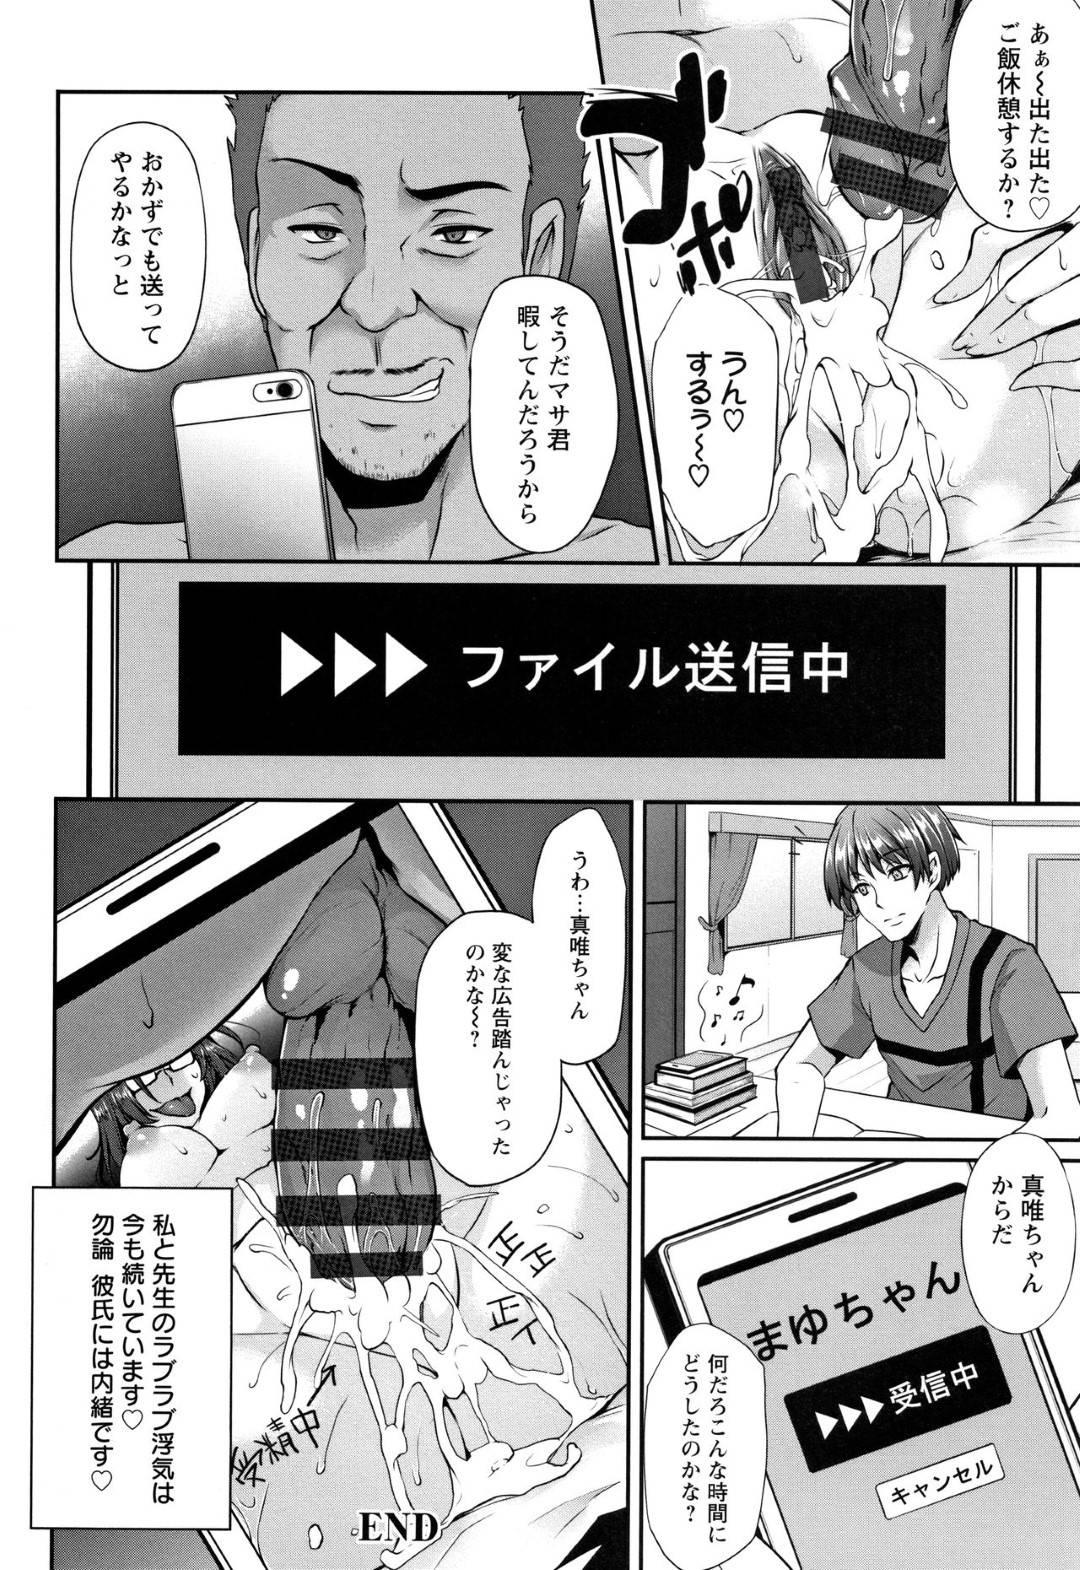 【エロ漫画】部長に黒魔術をかけるつもりのJKは逆にかけられてふたなりチンポでイカされまくる【やむっ/黒百合魔術の放課後】